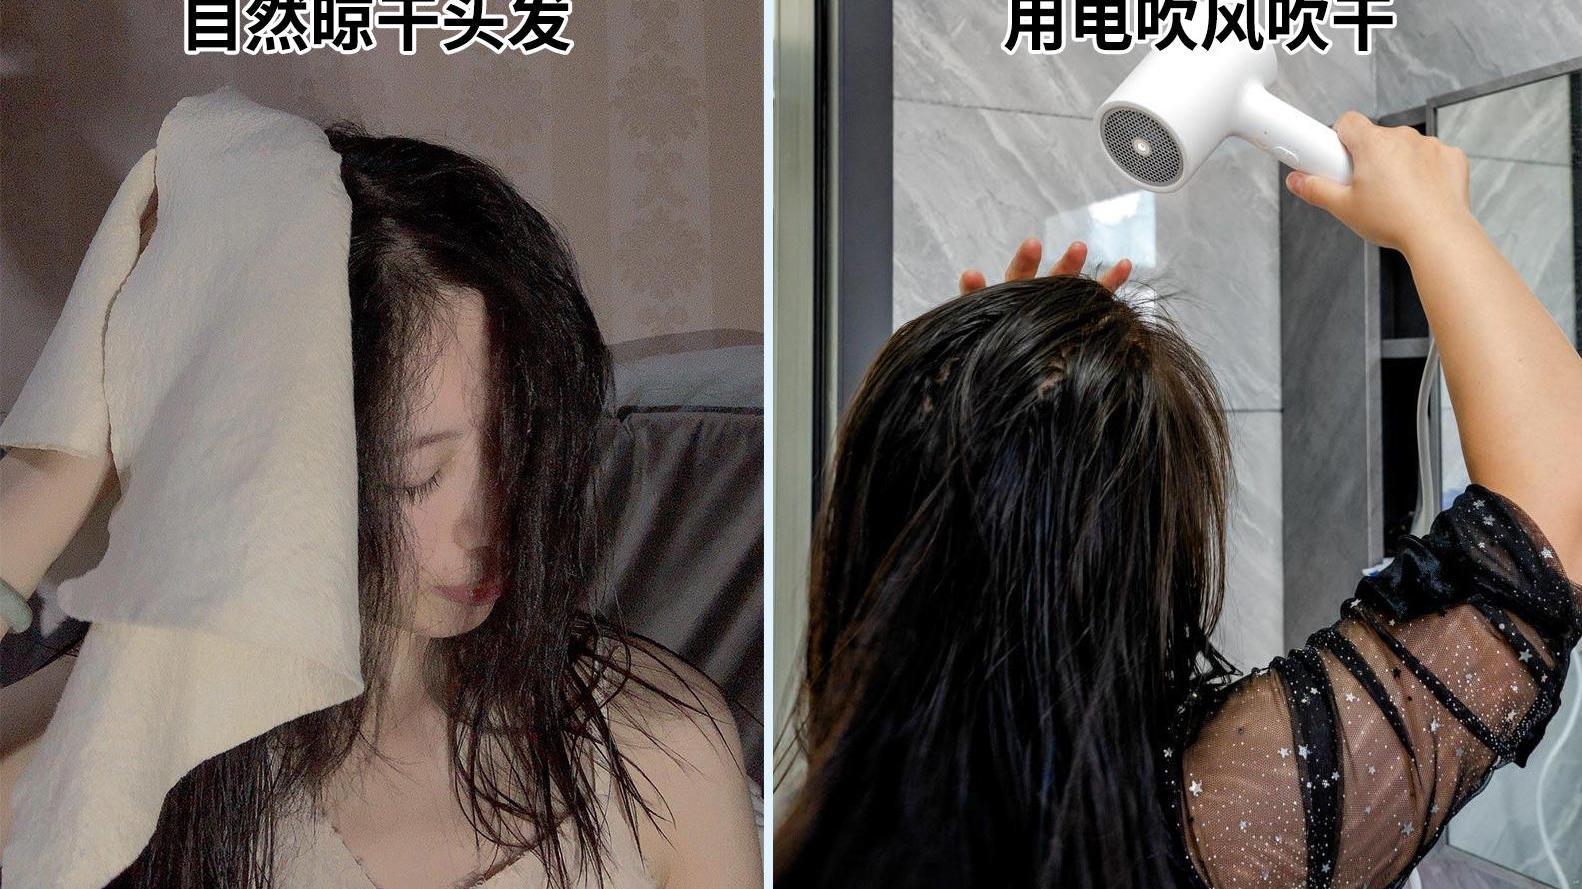 自然晾干头发好,还是吹风机吹干好,选错要当心!